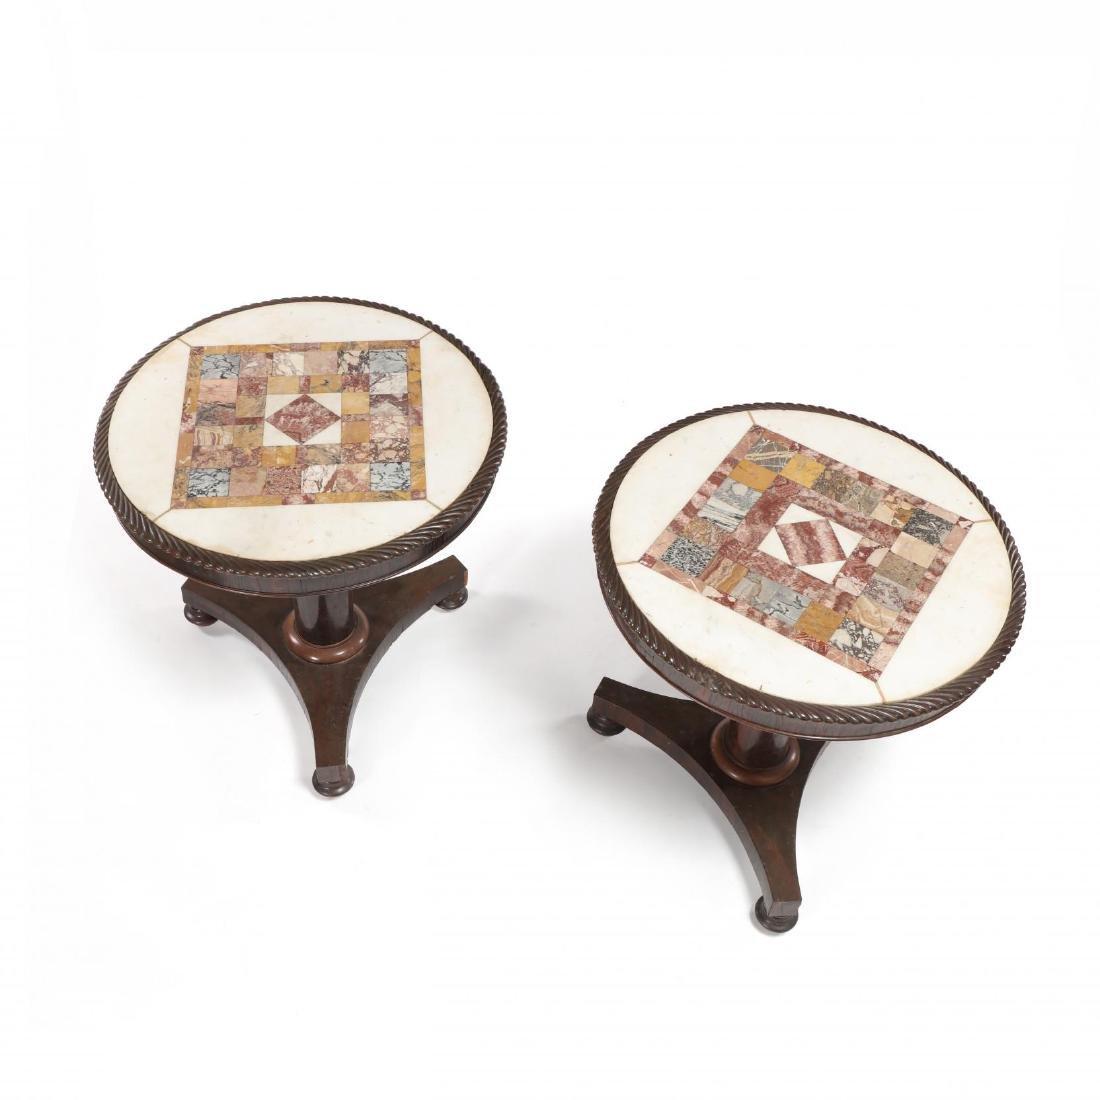 Pair of Neoclassical William IV Specimen Marble Top - 2